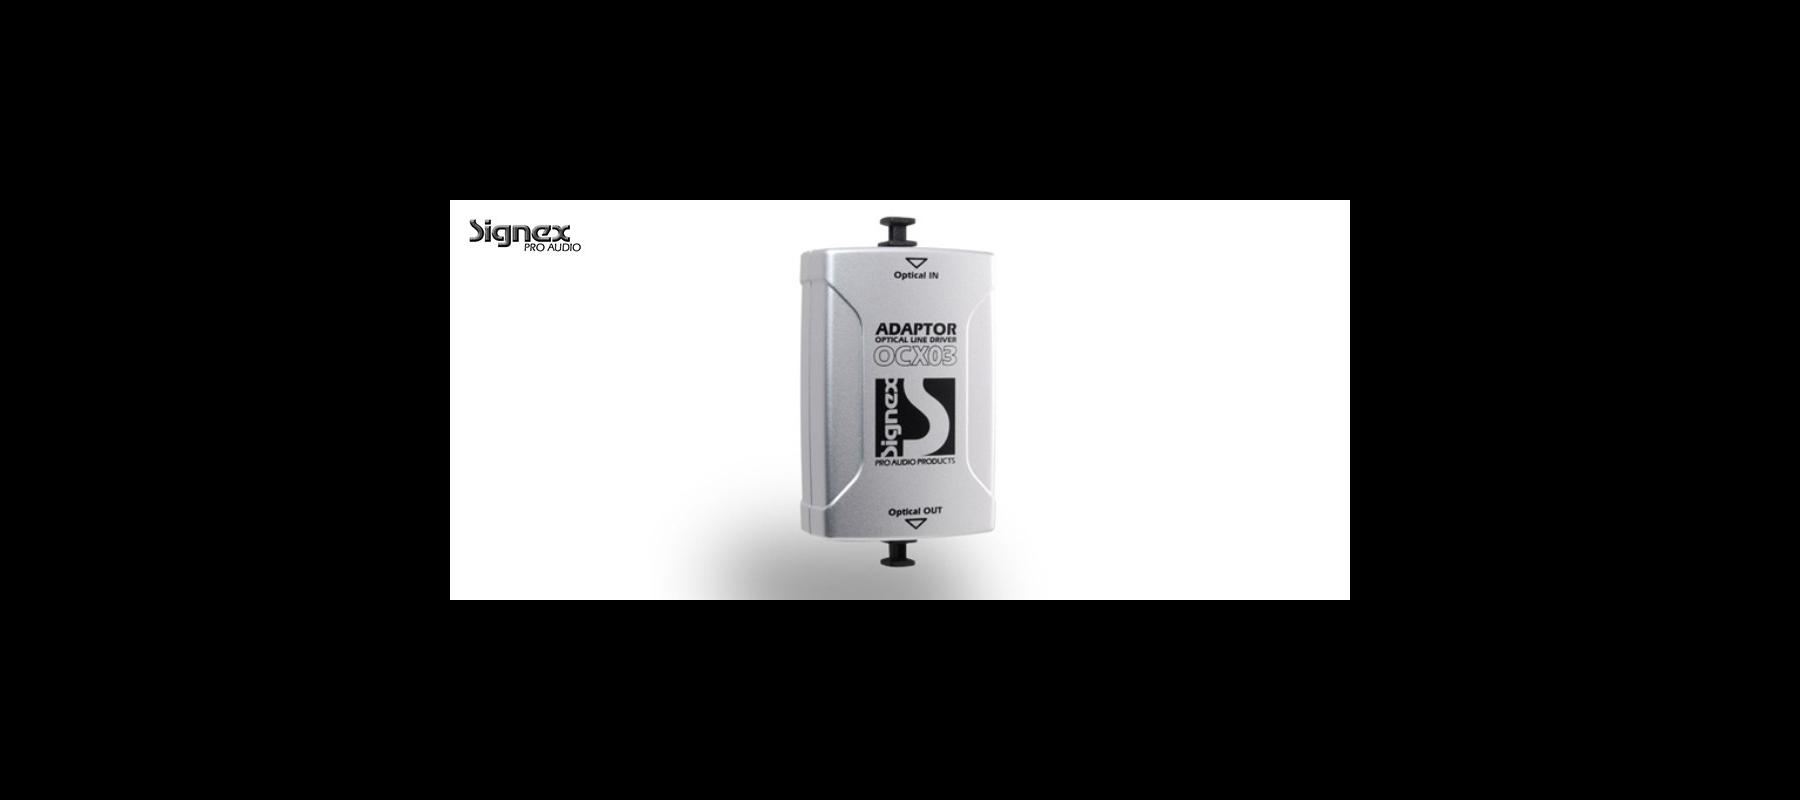 Signex OCX03